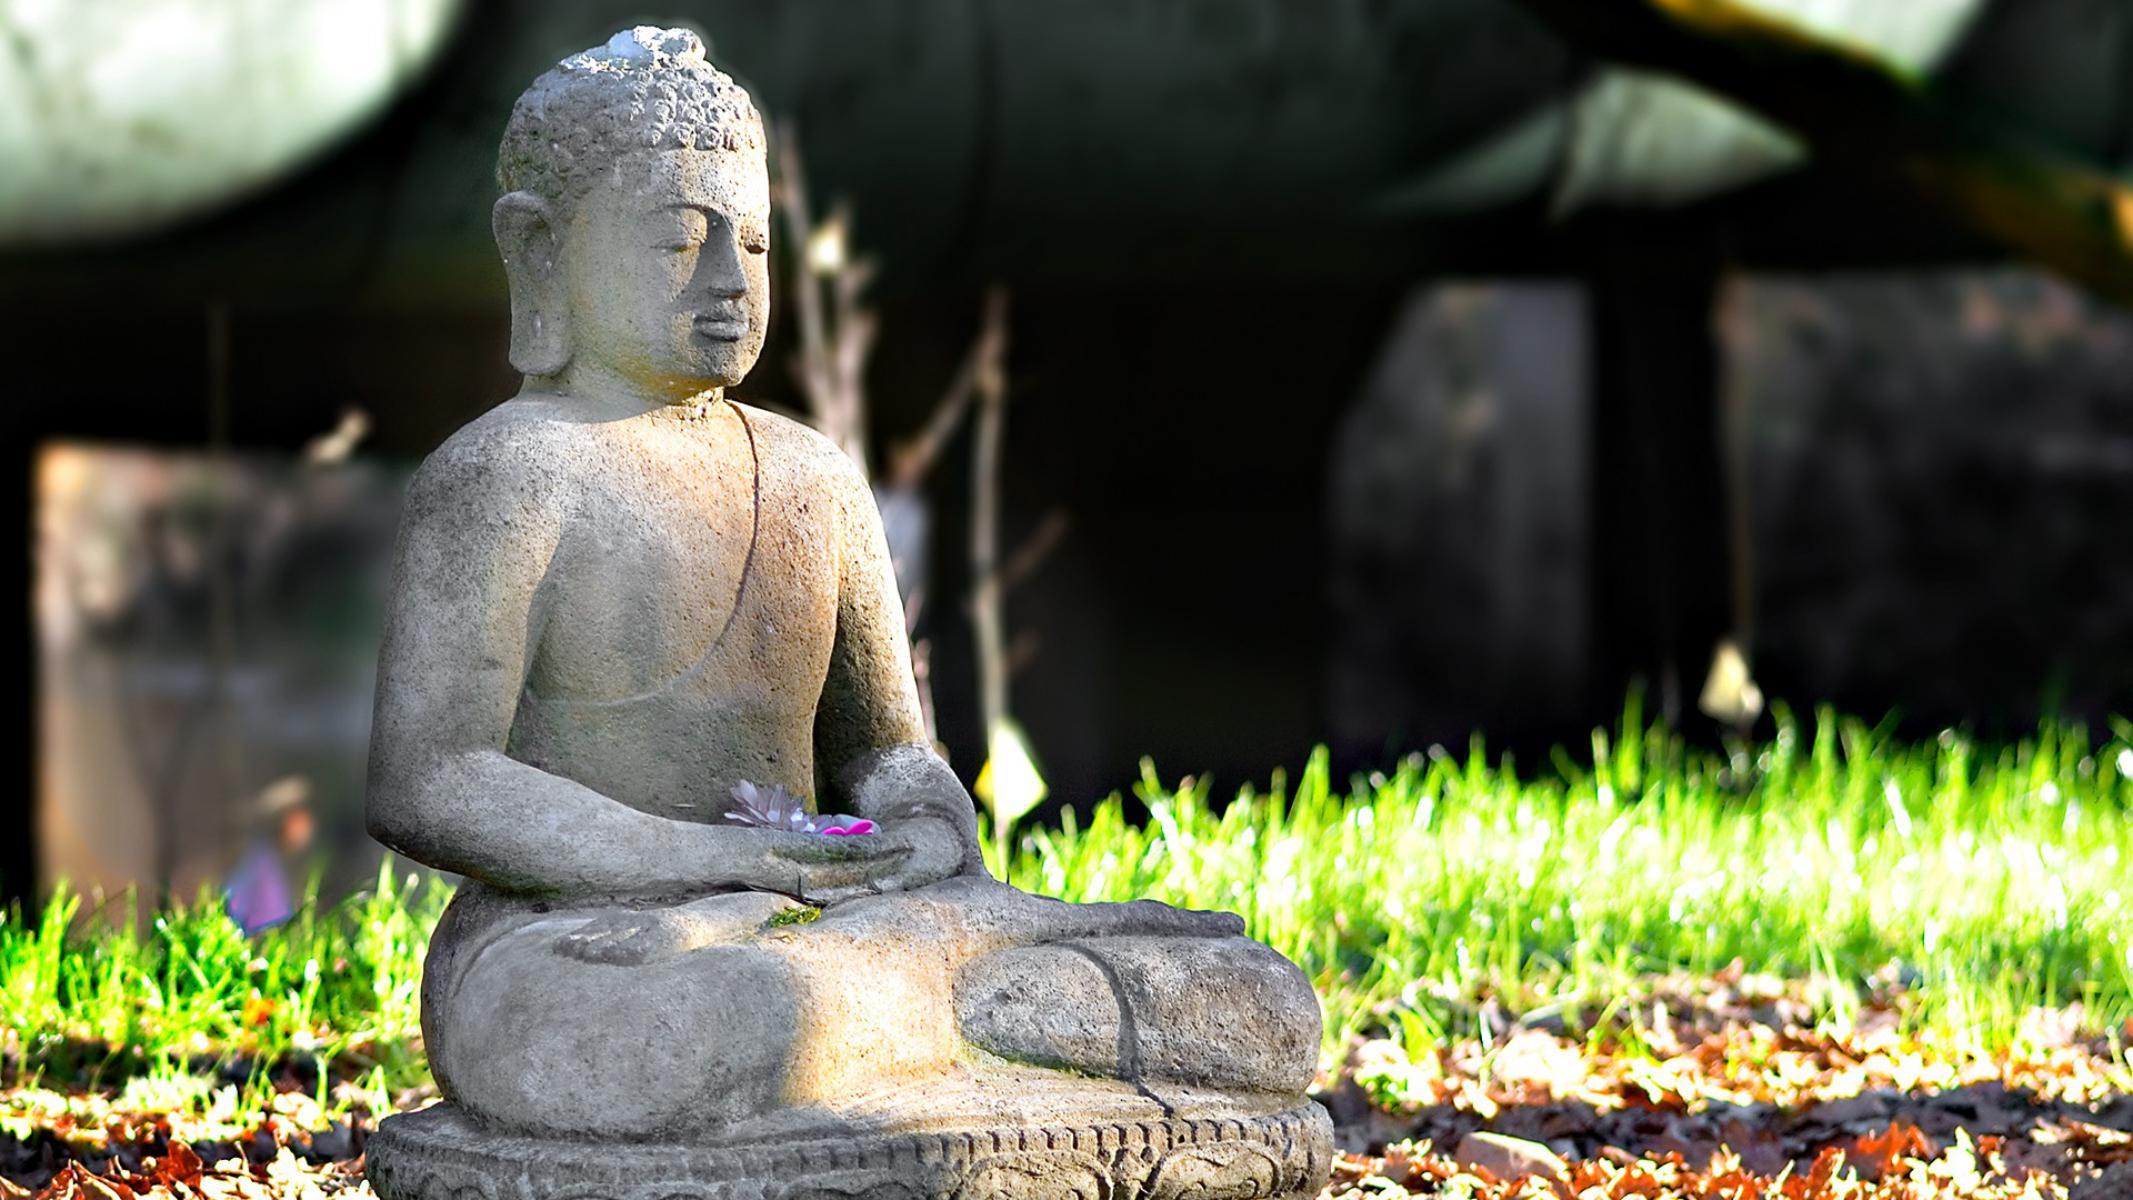 Gautam Buddha Full Hd Wallpapers: Sfondi Desktop Buddha